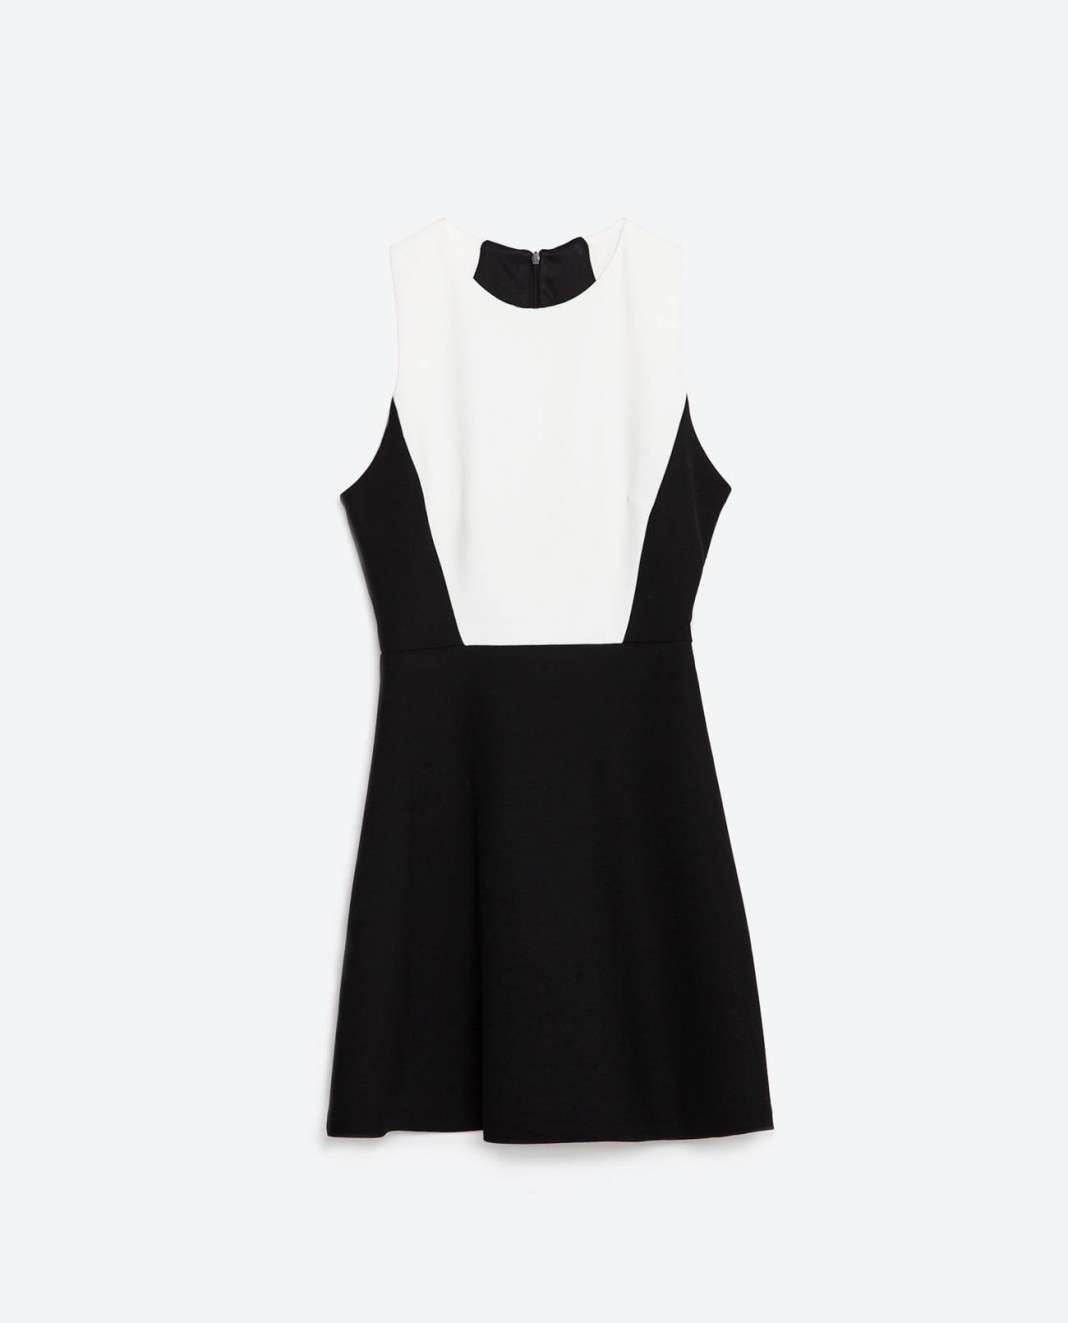 vestidos de Zara para el verano 2016 blanco y negro simetria